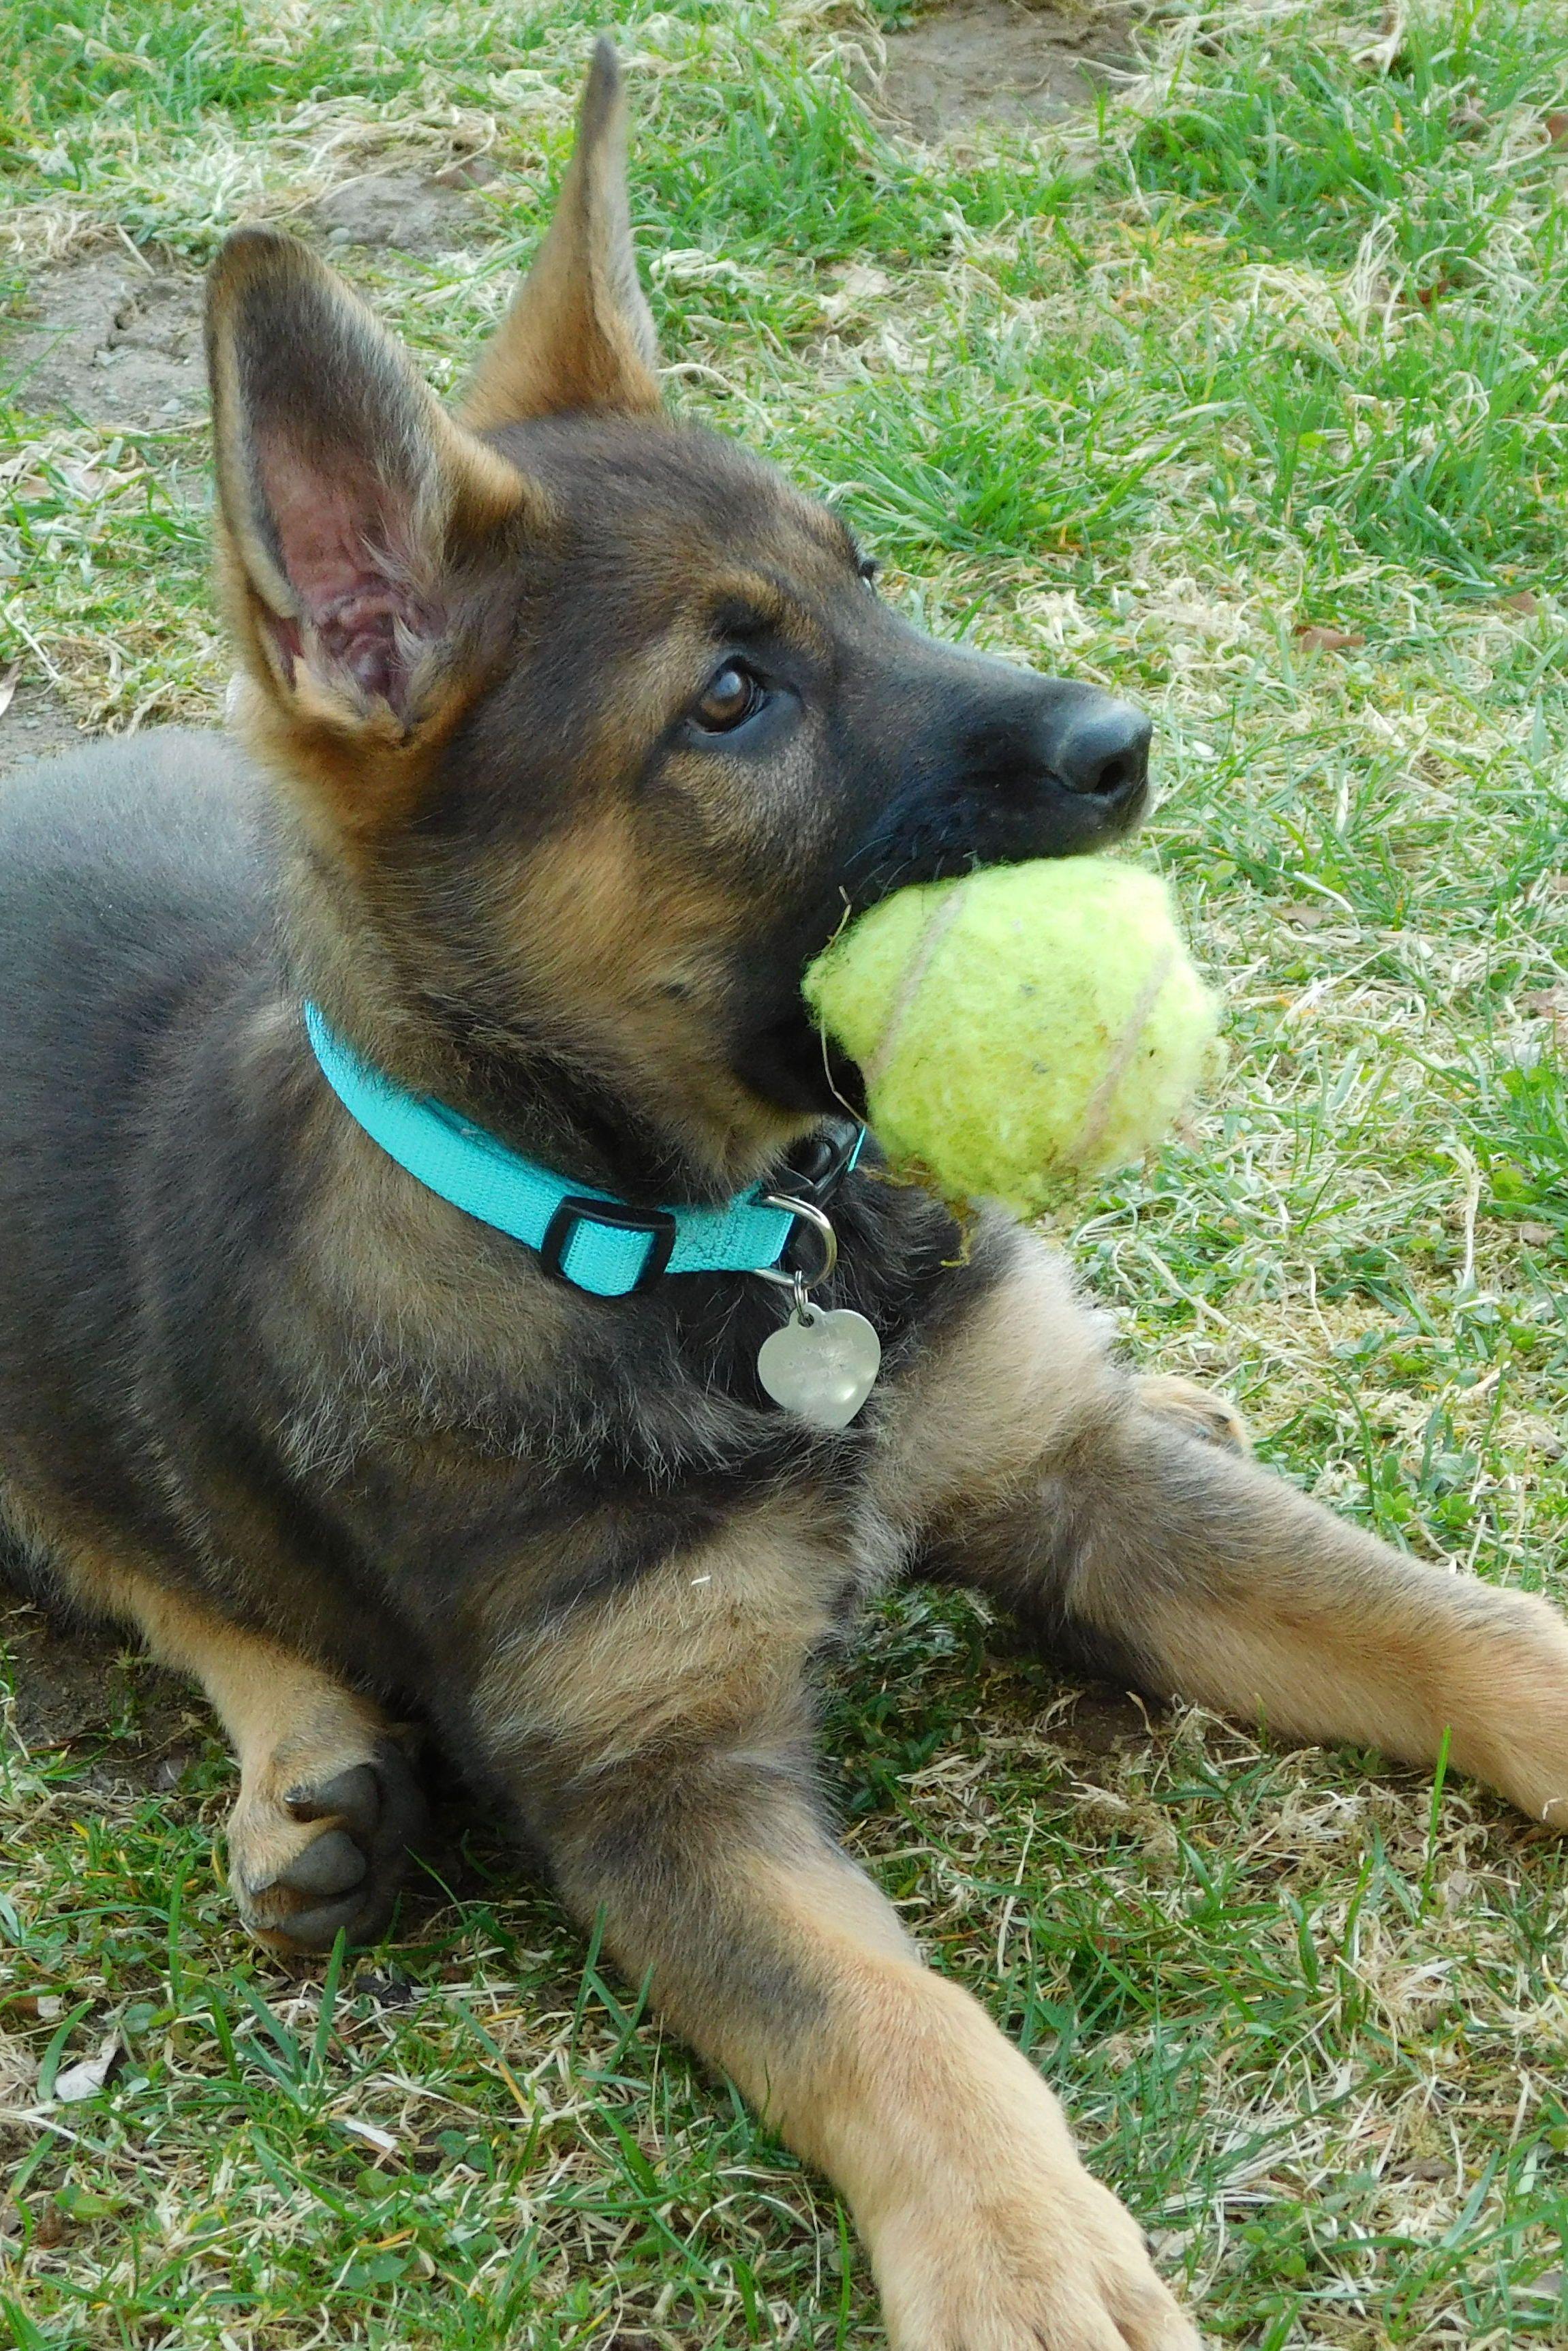 Sierra My 11 Week German Shepherd Puppy Cute Animals Gsd